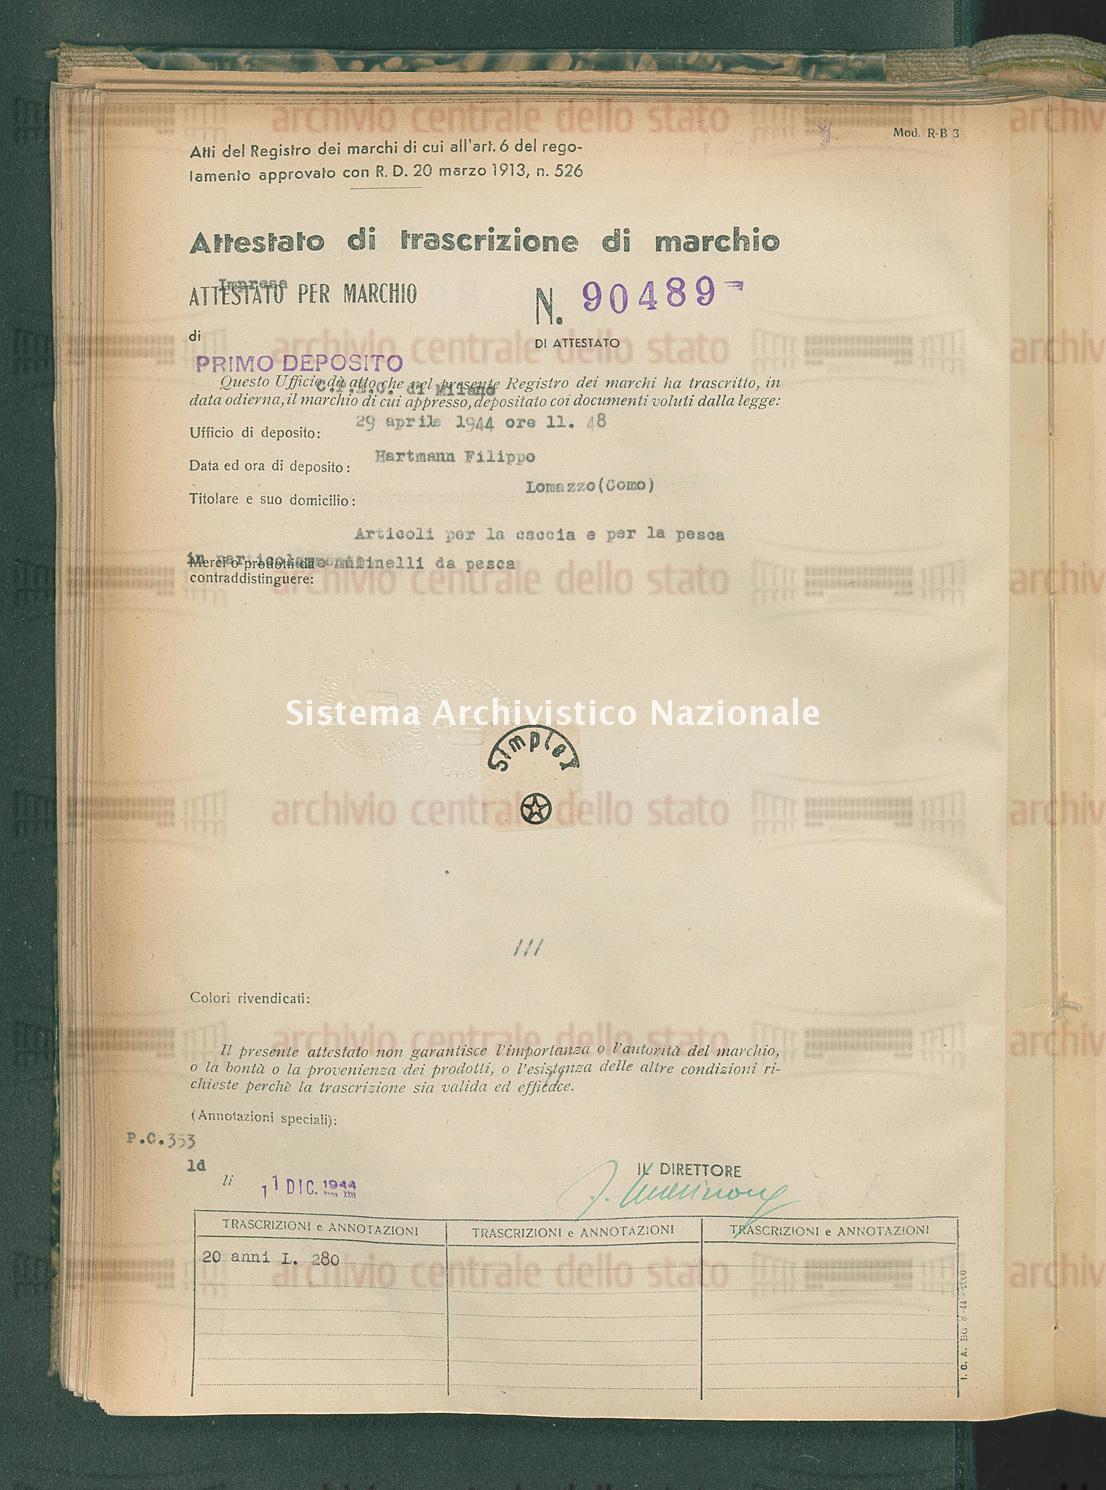 Articoli per la caccia e per la pesca in particolare mulinelli da ecc. Hartmann Filippo (11/12/1944)